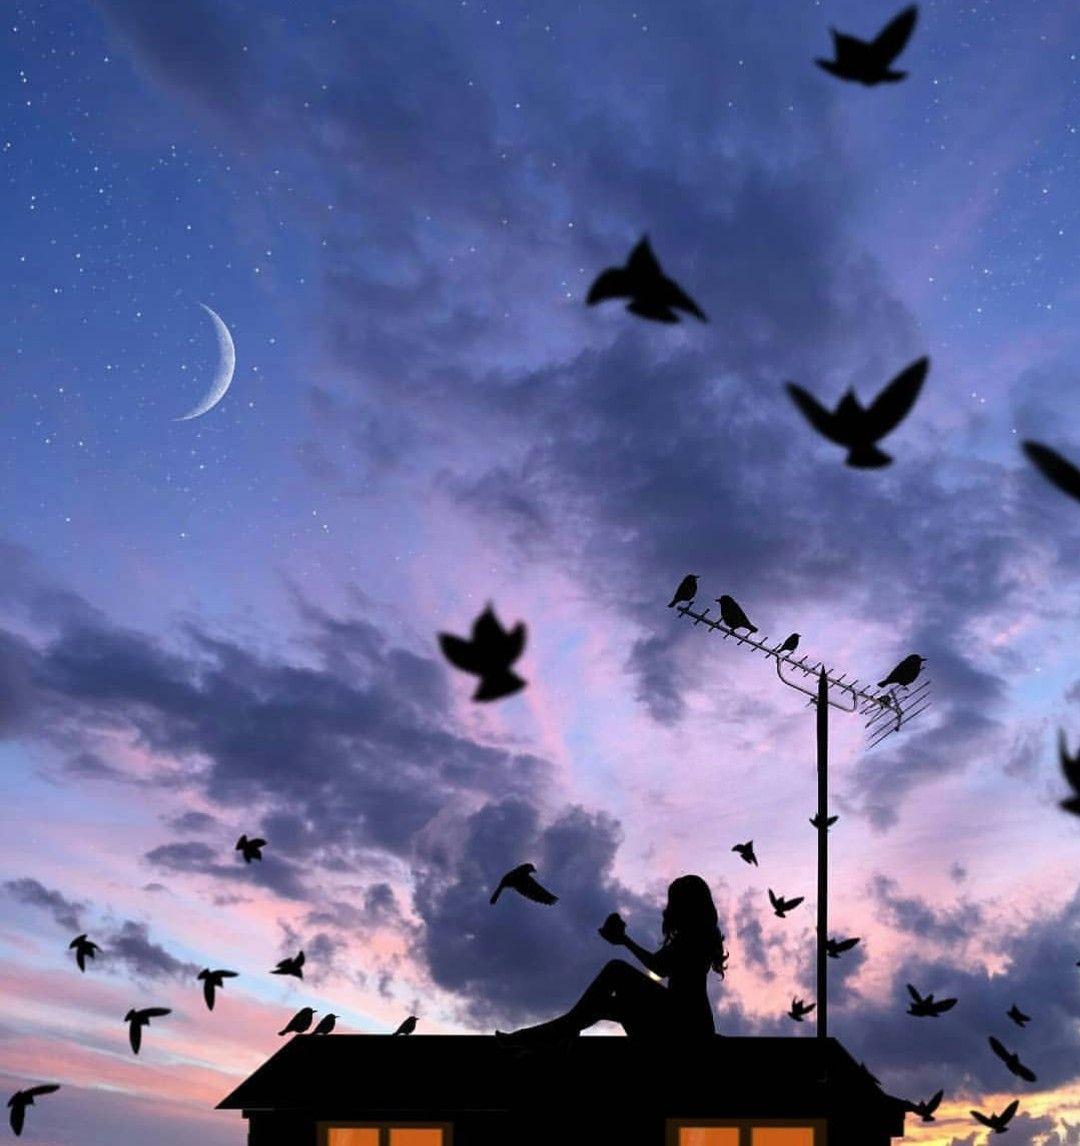 ليتنا مثل الطيور كلما ضاقت بنا الأرض تركناها ورحلنا إلى عالم آخر